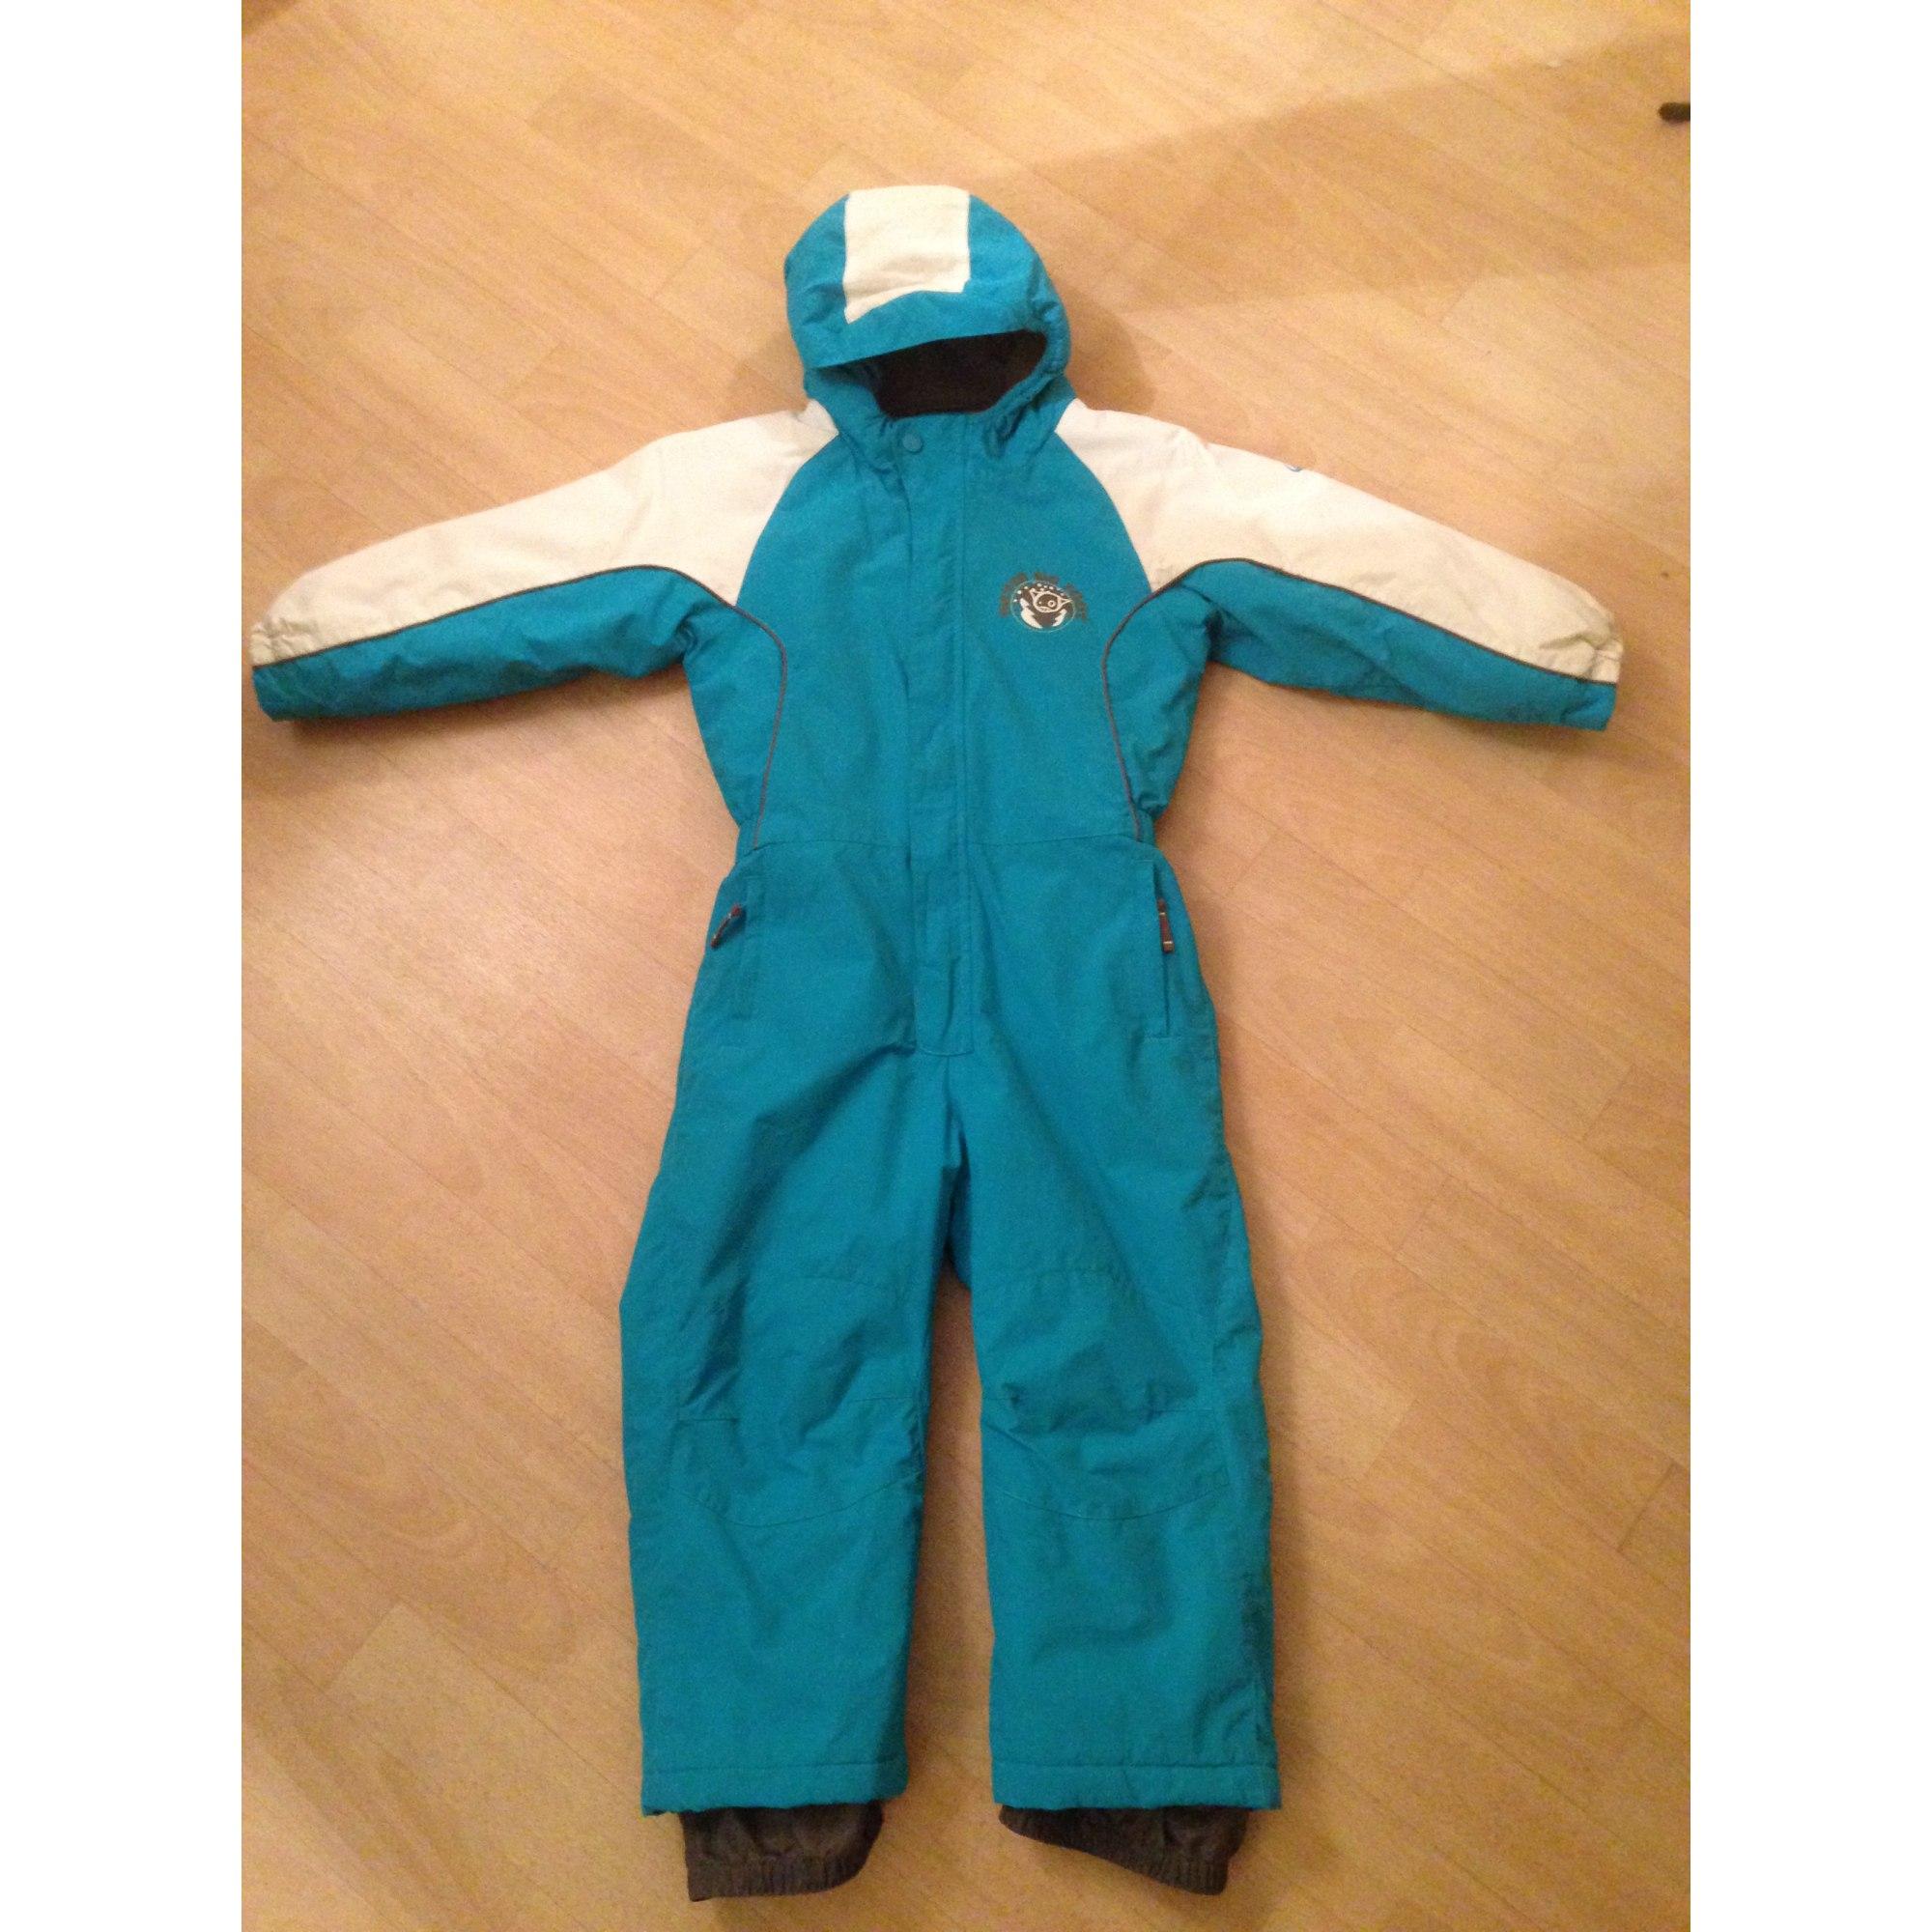 c8e7fcdaf53fb Combinaison de ski GO SPORT 5-6 ans bleu vendu par Stephanie ...